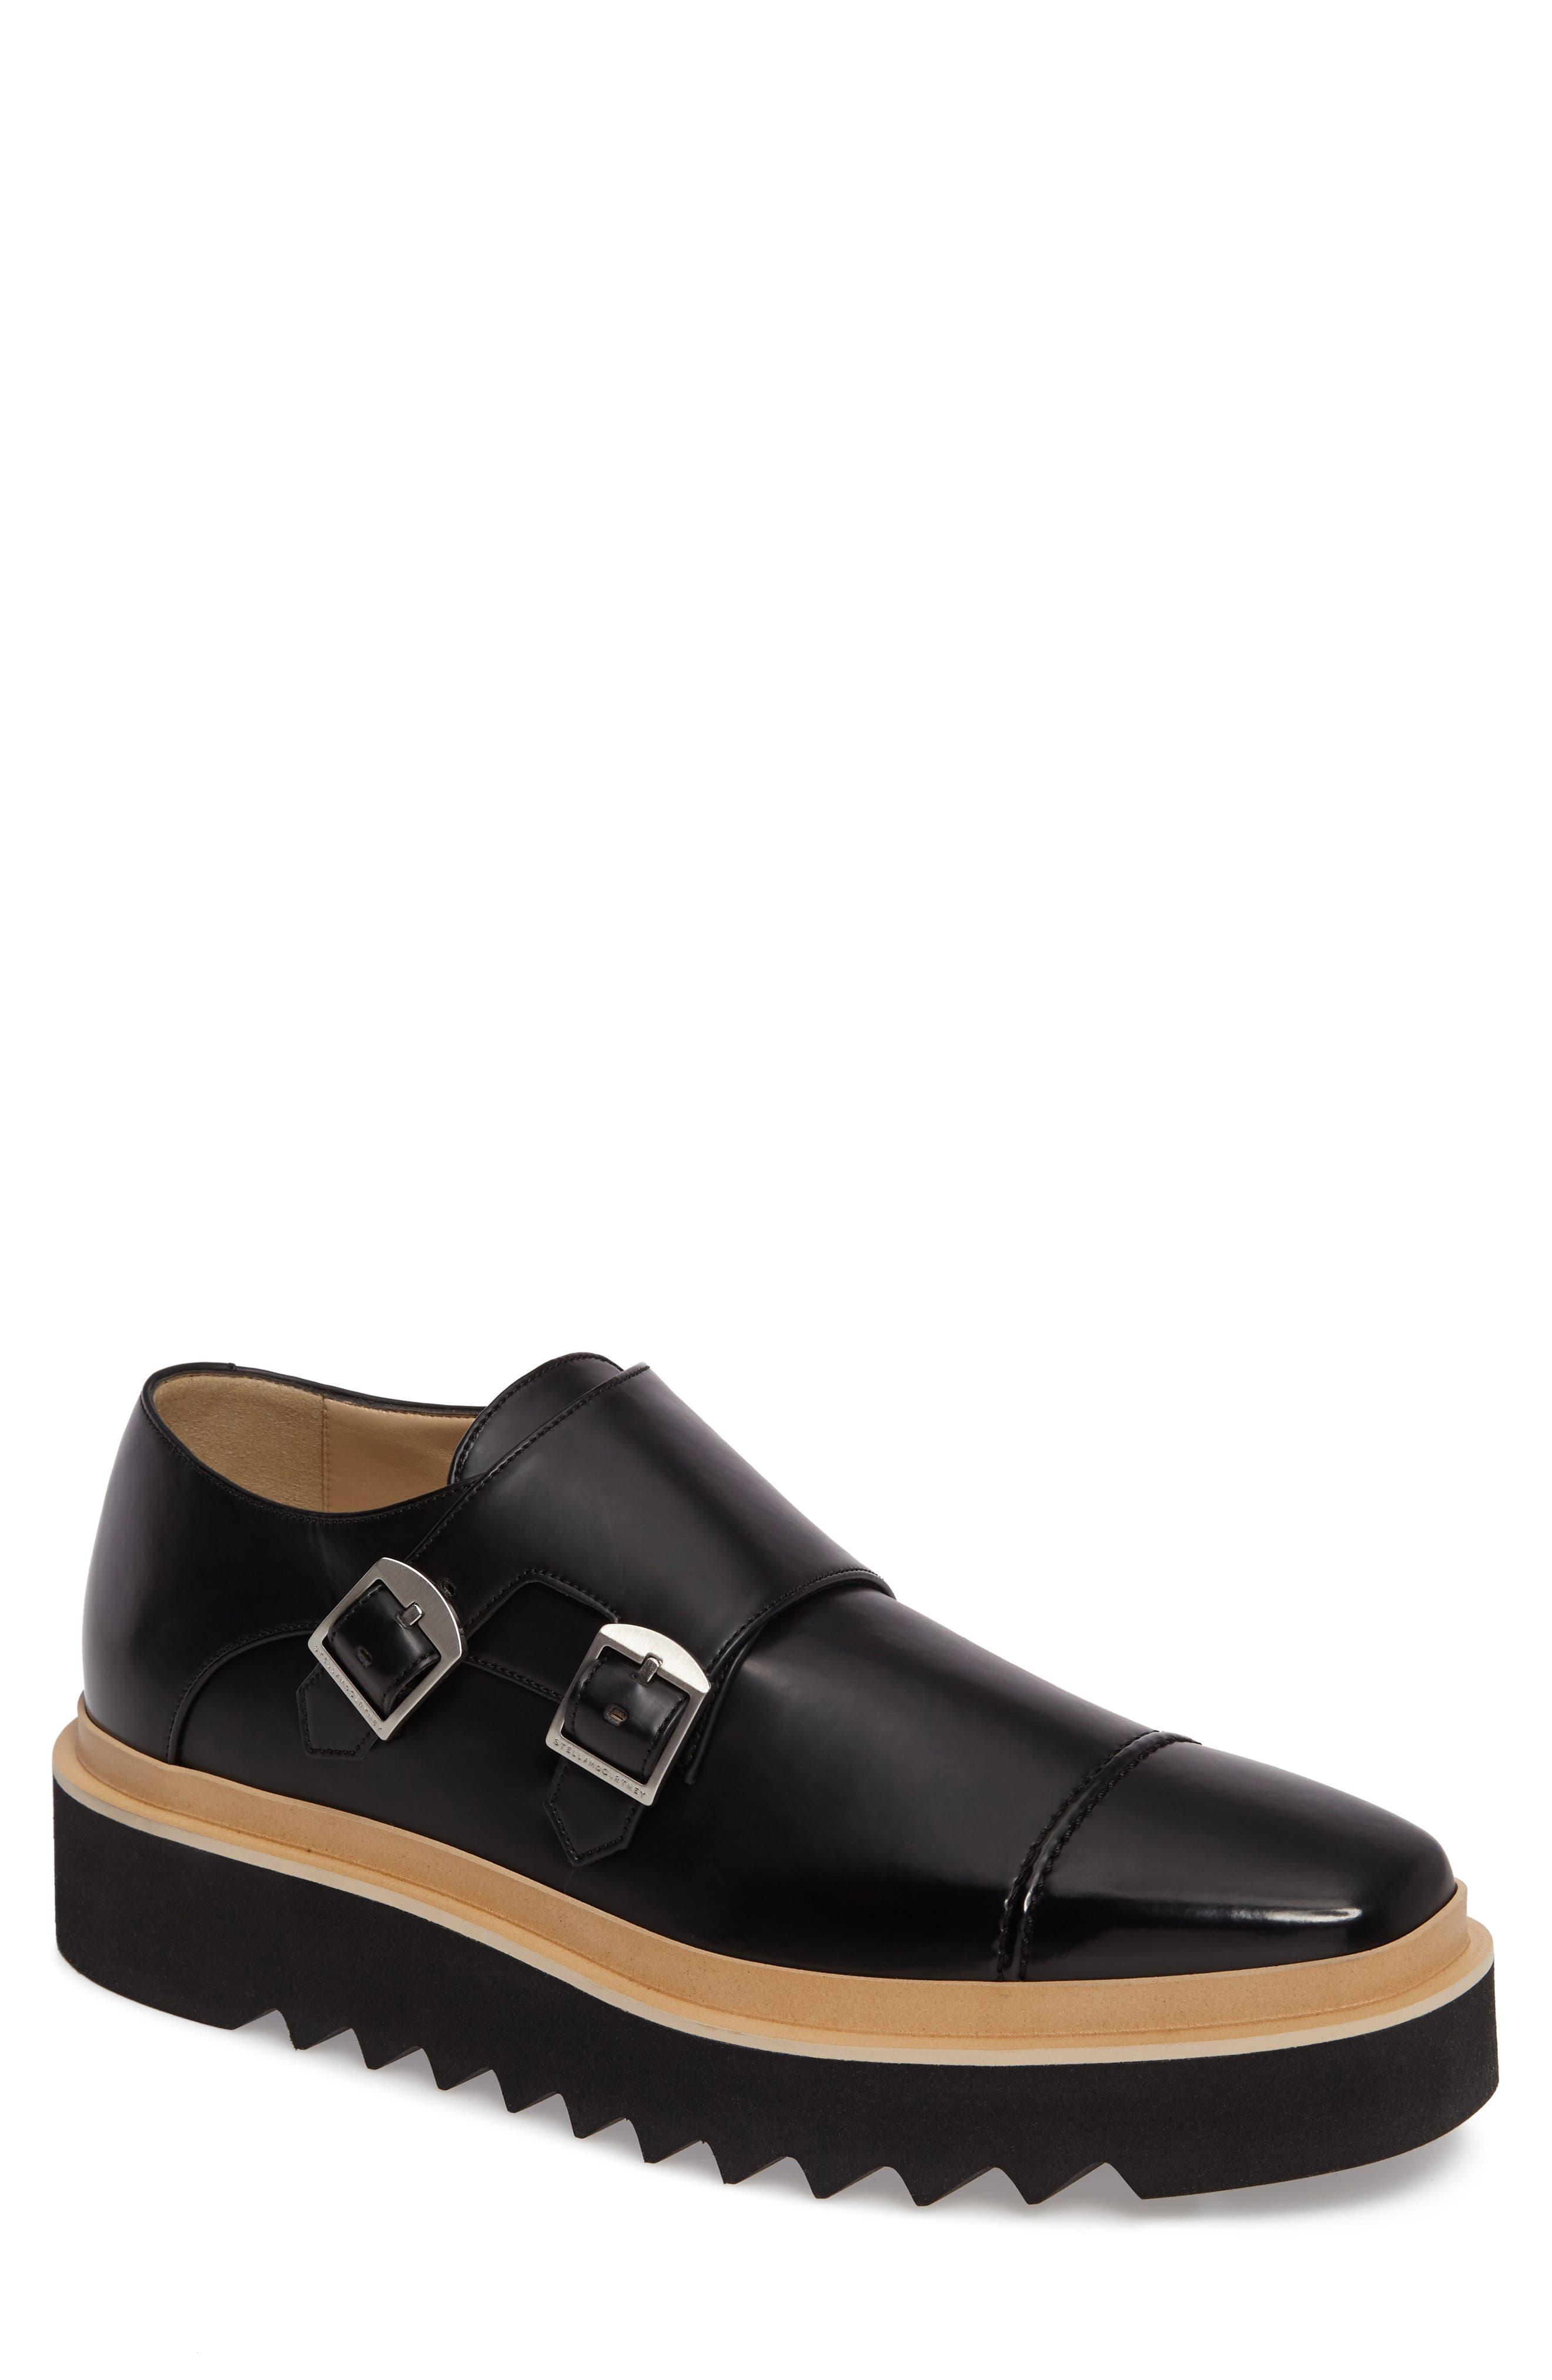 Peter Platform Monk Shoe,                         Main,                         color, 001